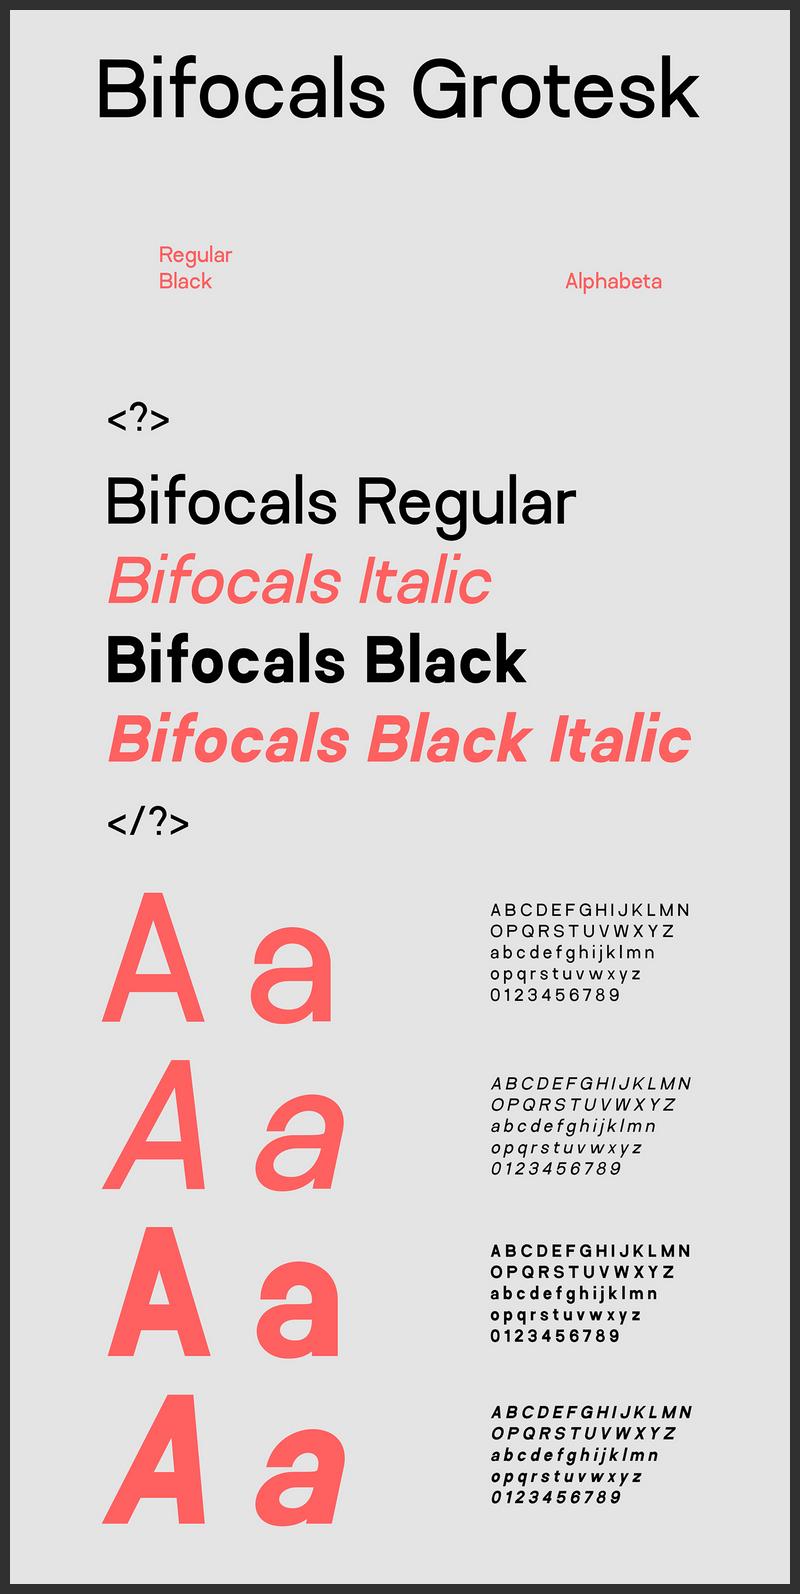 Bifocals Grotesk Font Free-